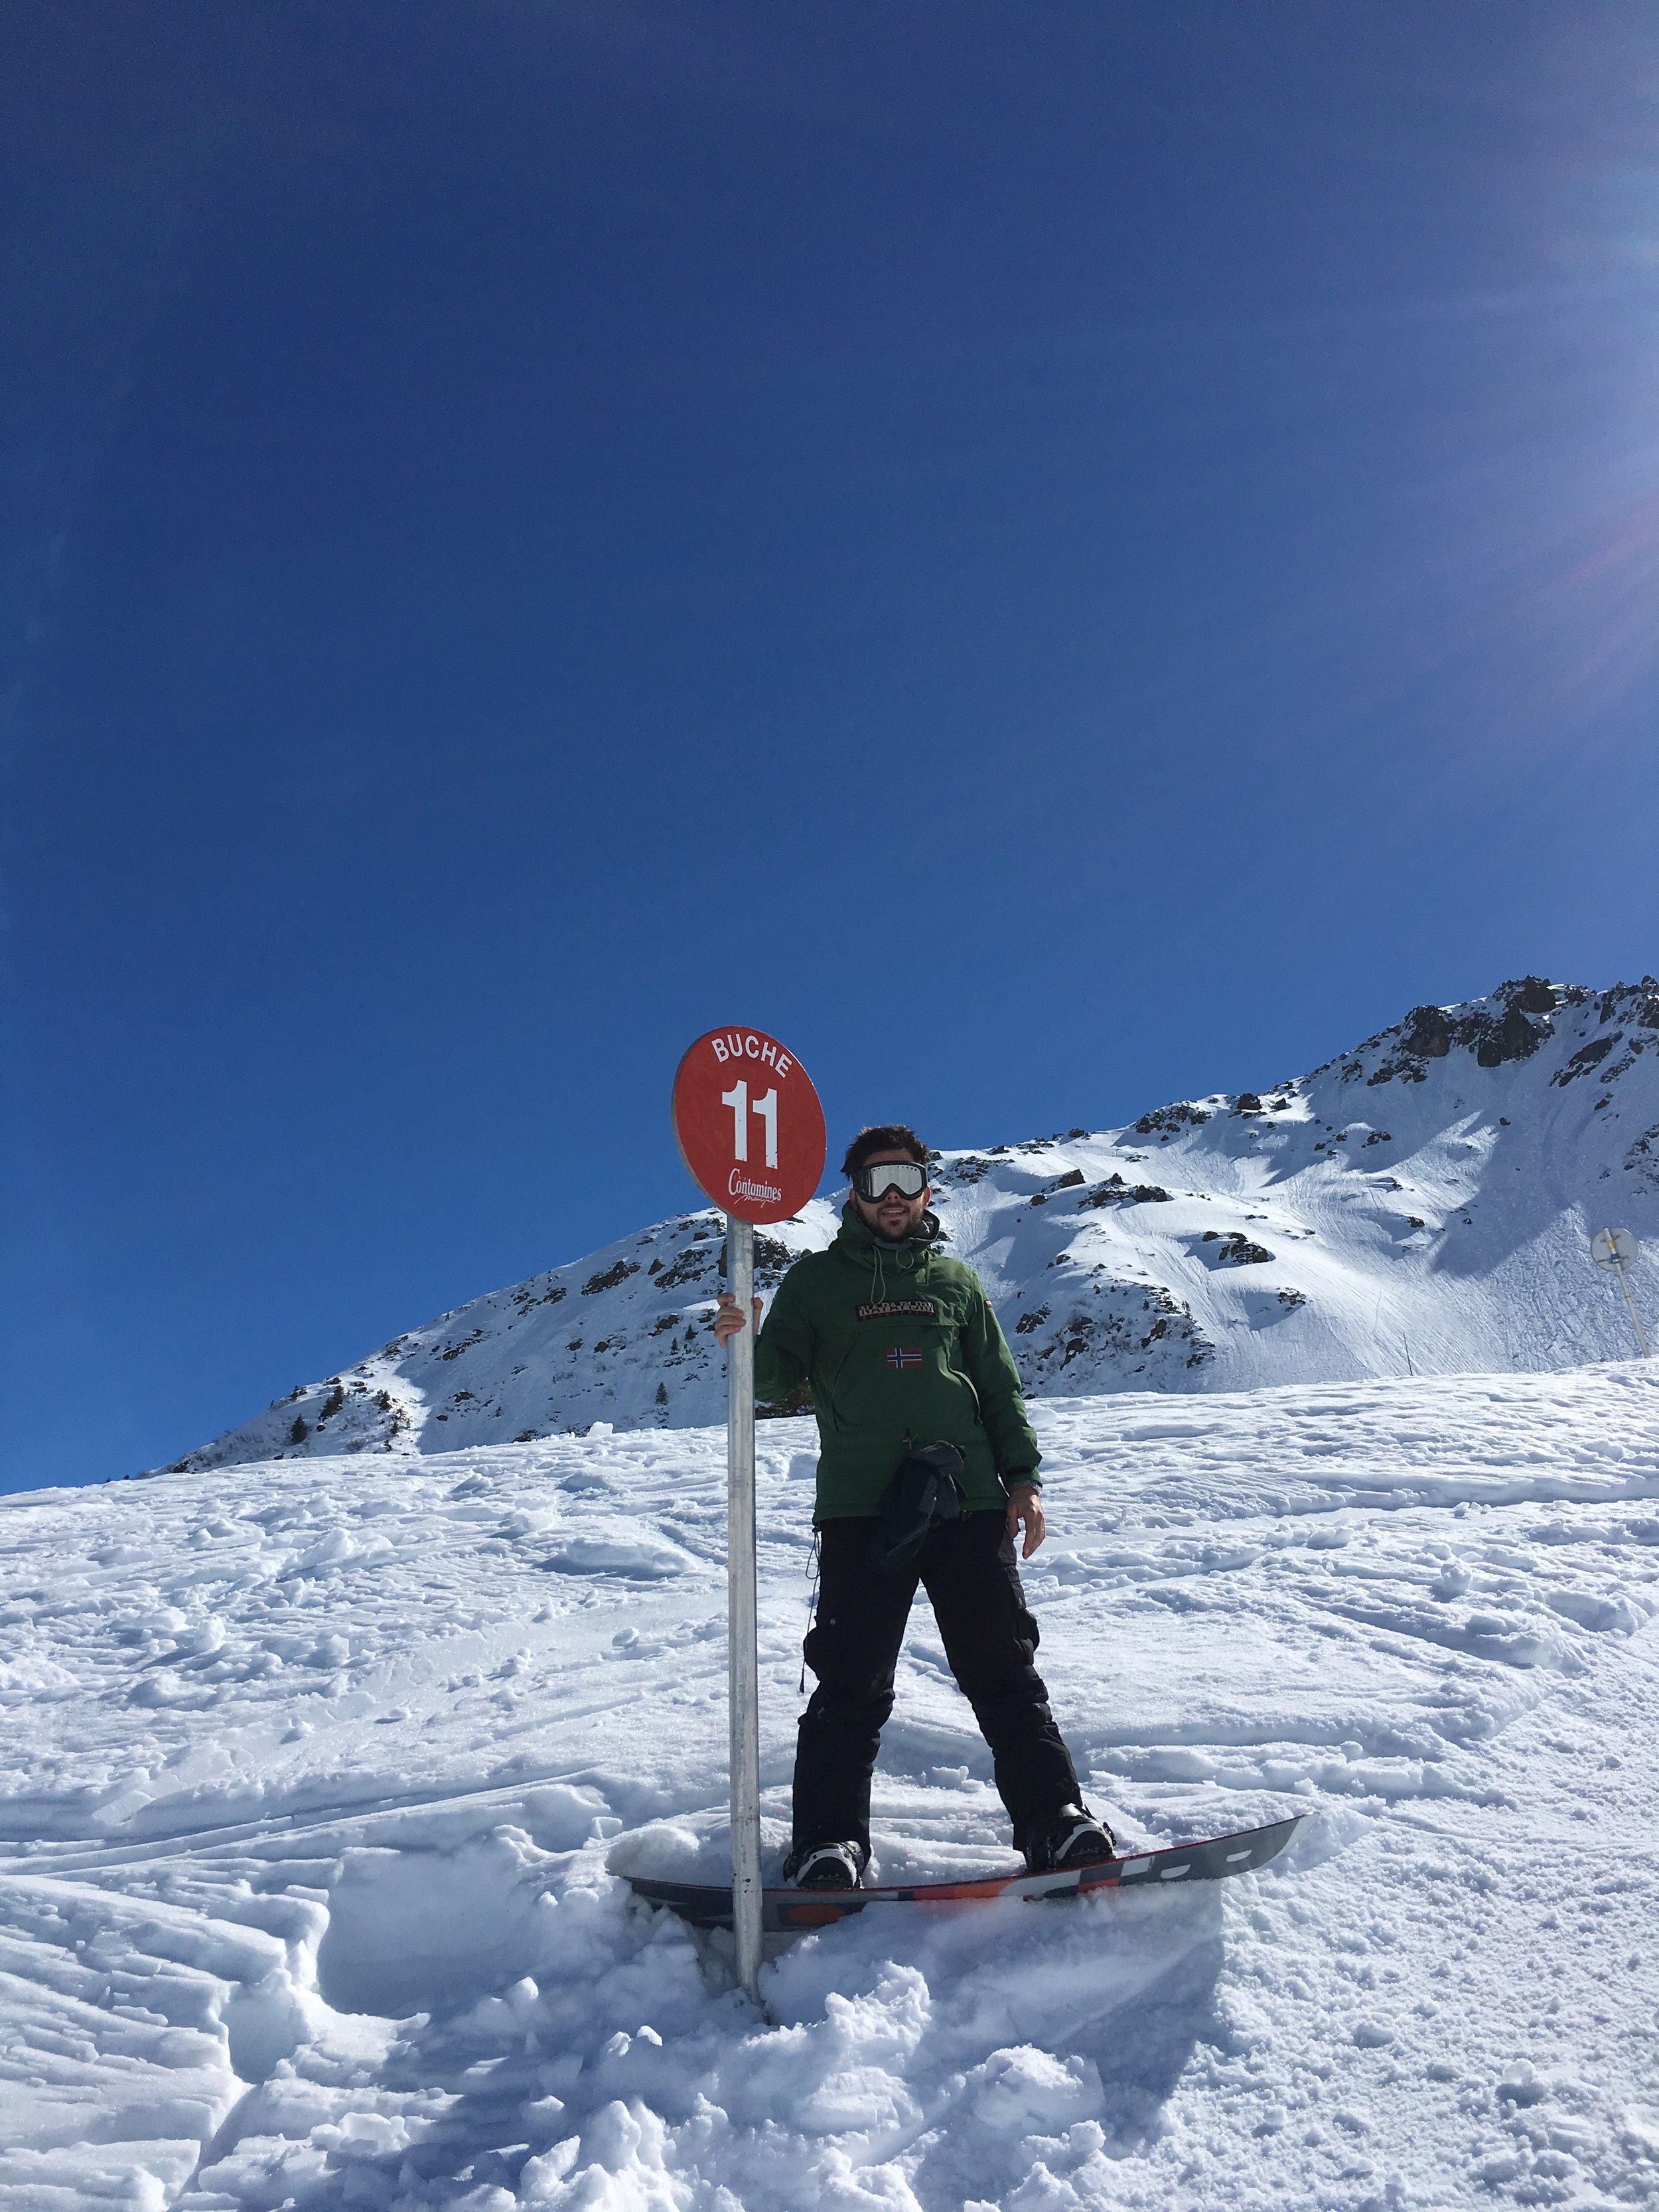 la montagne l'hiver - Quand on pense à la montagne l'hiver, on pense immédiatement au ski. Il y a pourtant de nombreuses activités accessibles aux personnes qui ne savent pas ou n'aiment pas skier !Concernant le domaine skiable de Haute Savoie et Savoie il est situé entre 1200 et 2500m d'altitude, offrant des possibilités de pratiques adaptées à tous les niveaux, avec un enneigement exceptionnel pour 120 km de plaisir face au Mont-Blanc !